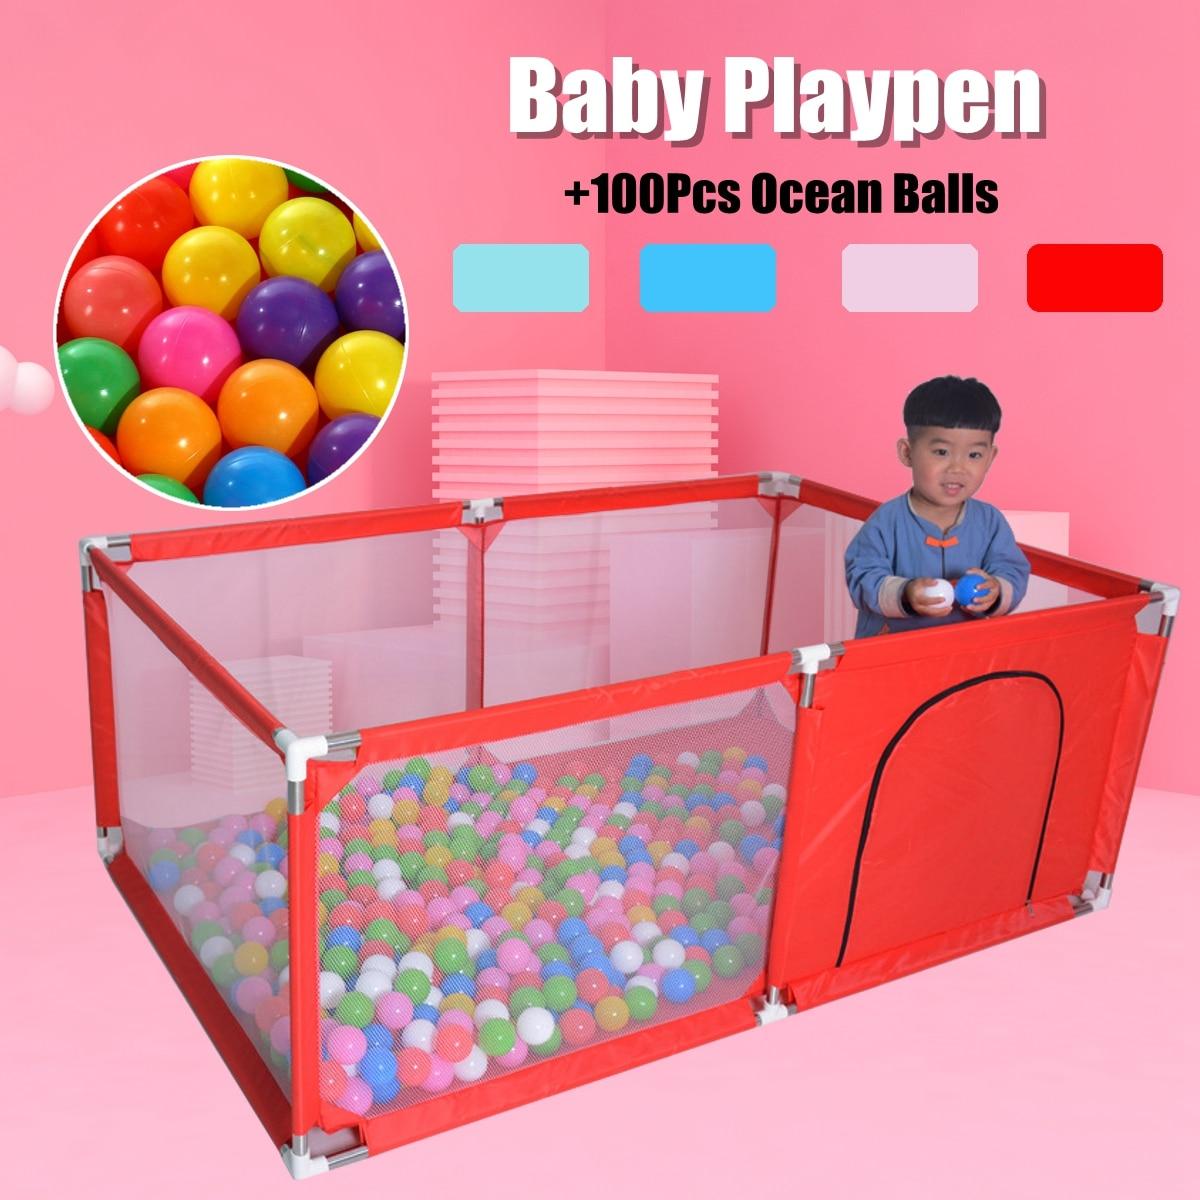 Baby Playpen 165x105cm For Children Pool Balls For Newborn Baby Fence Playpen For Baby Pool Children Playpen Kids Safety